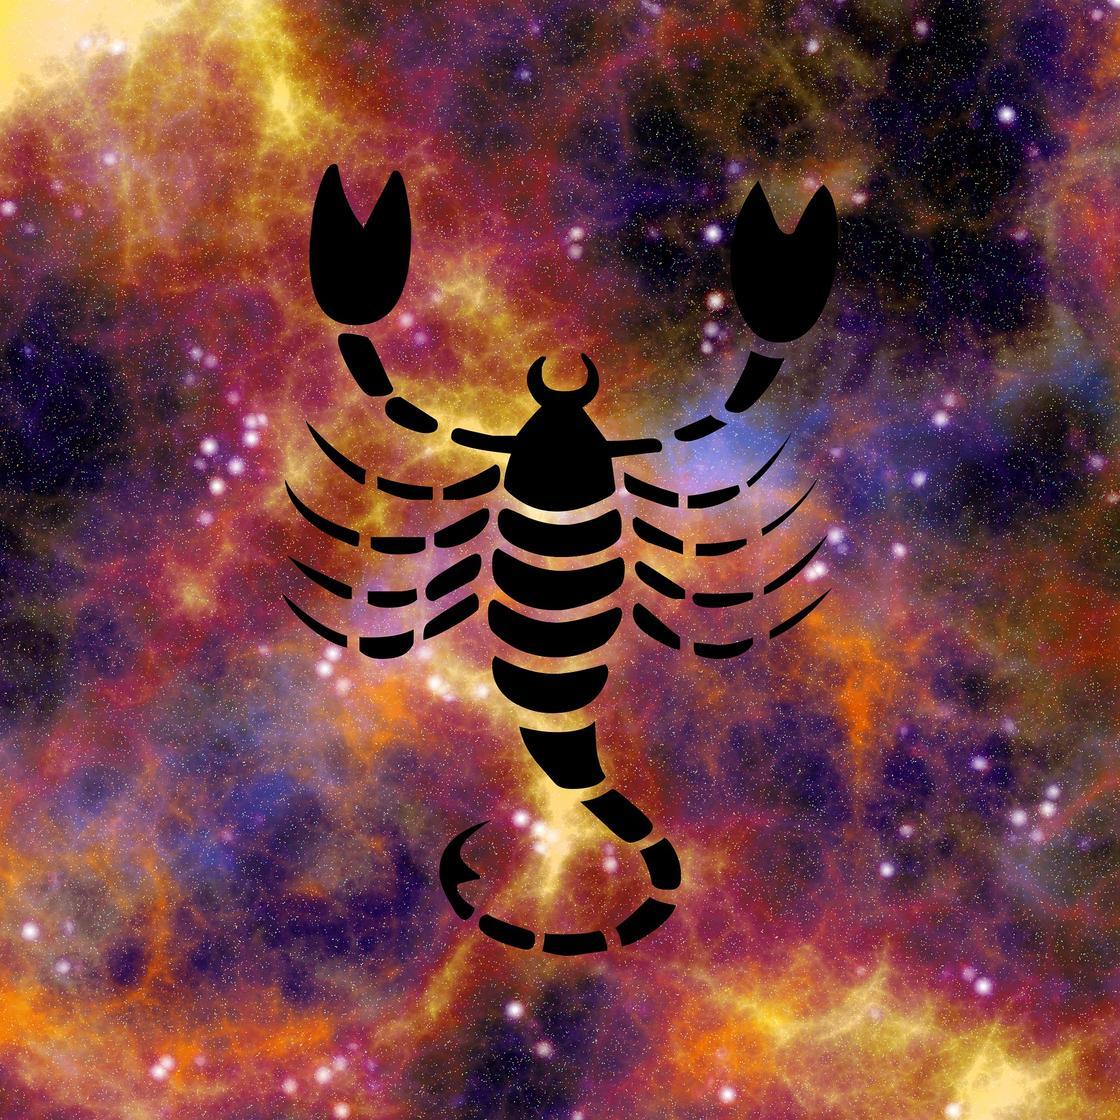 Скорпион и знак